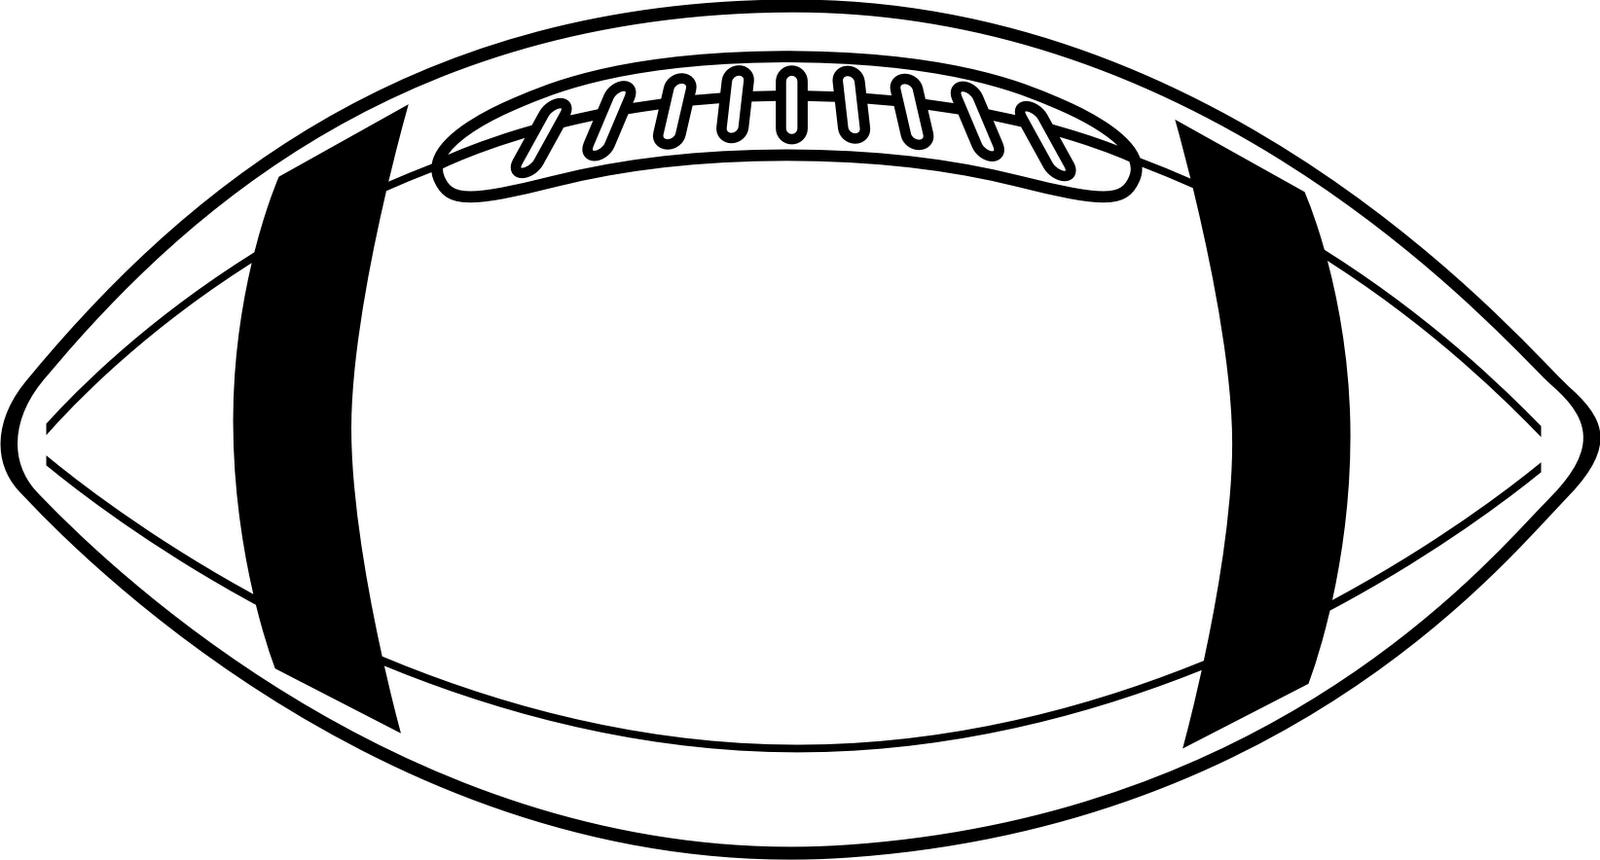 Football Helmet Clip Art Free 4-Football helmet clip art free 4-14